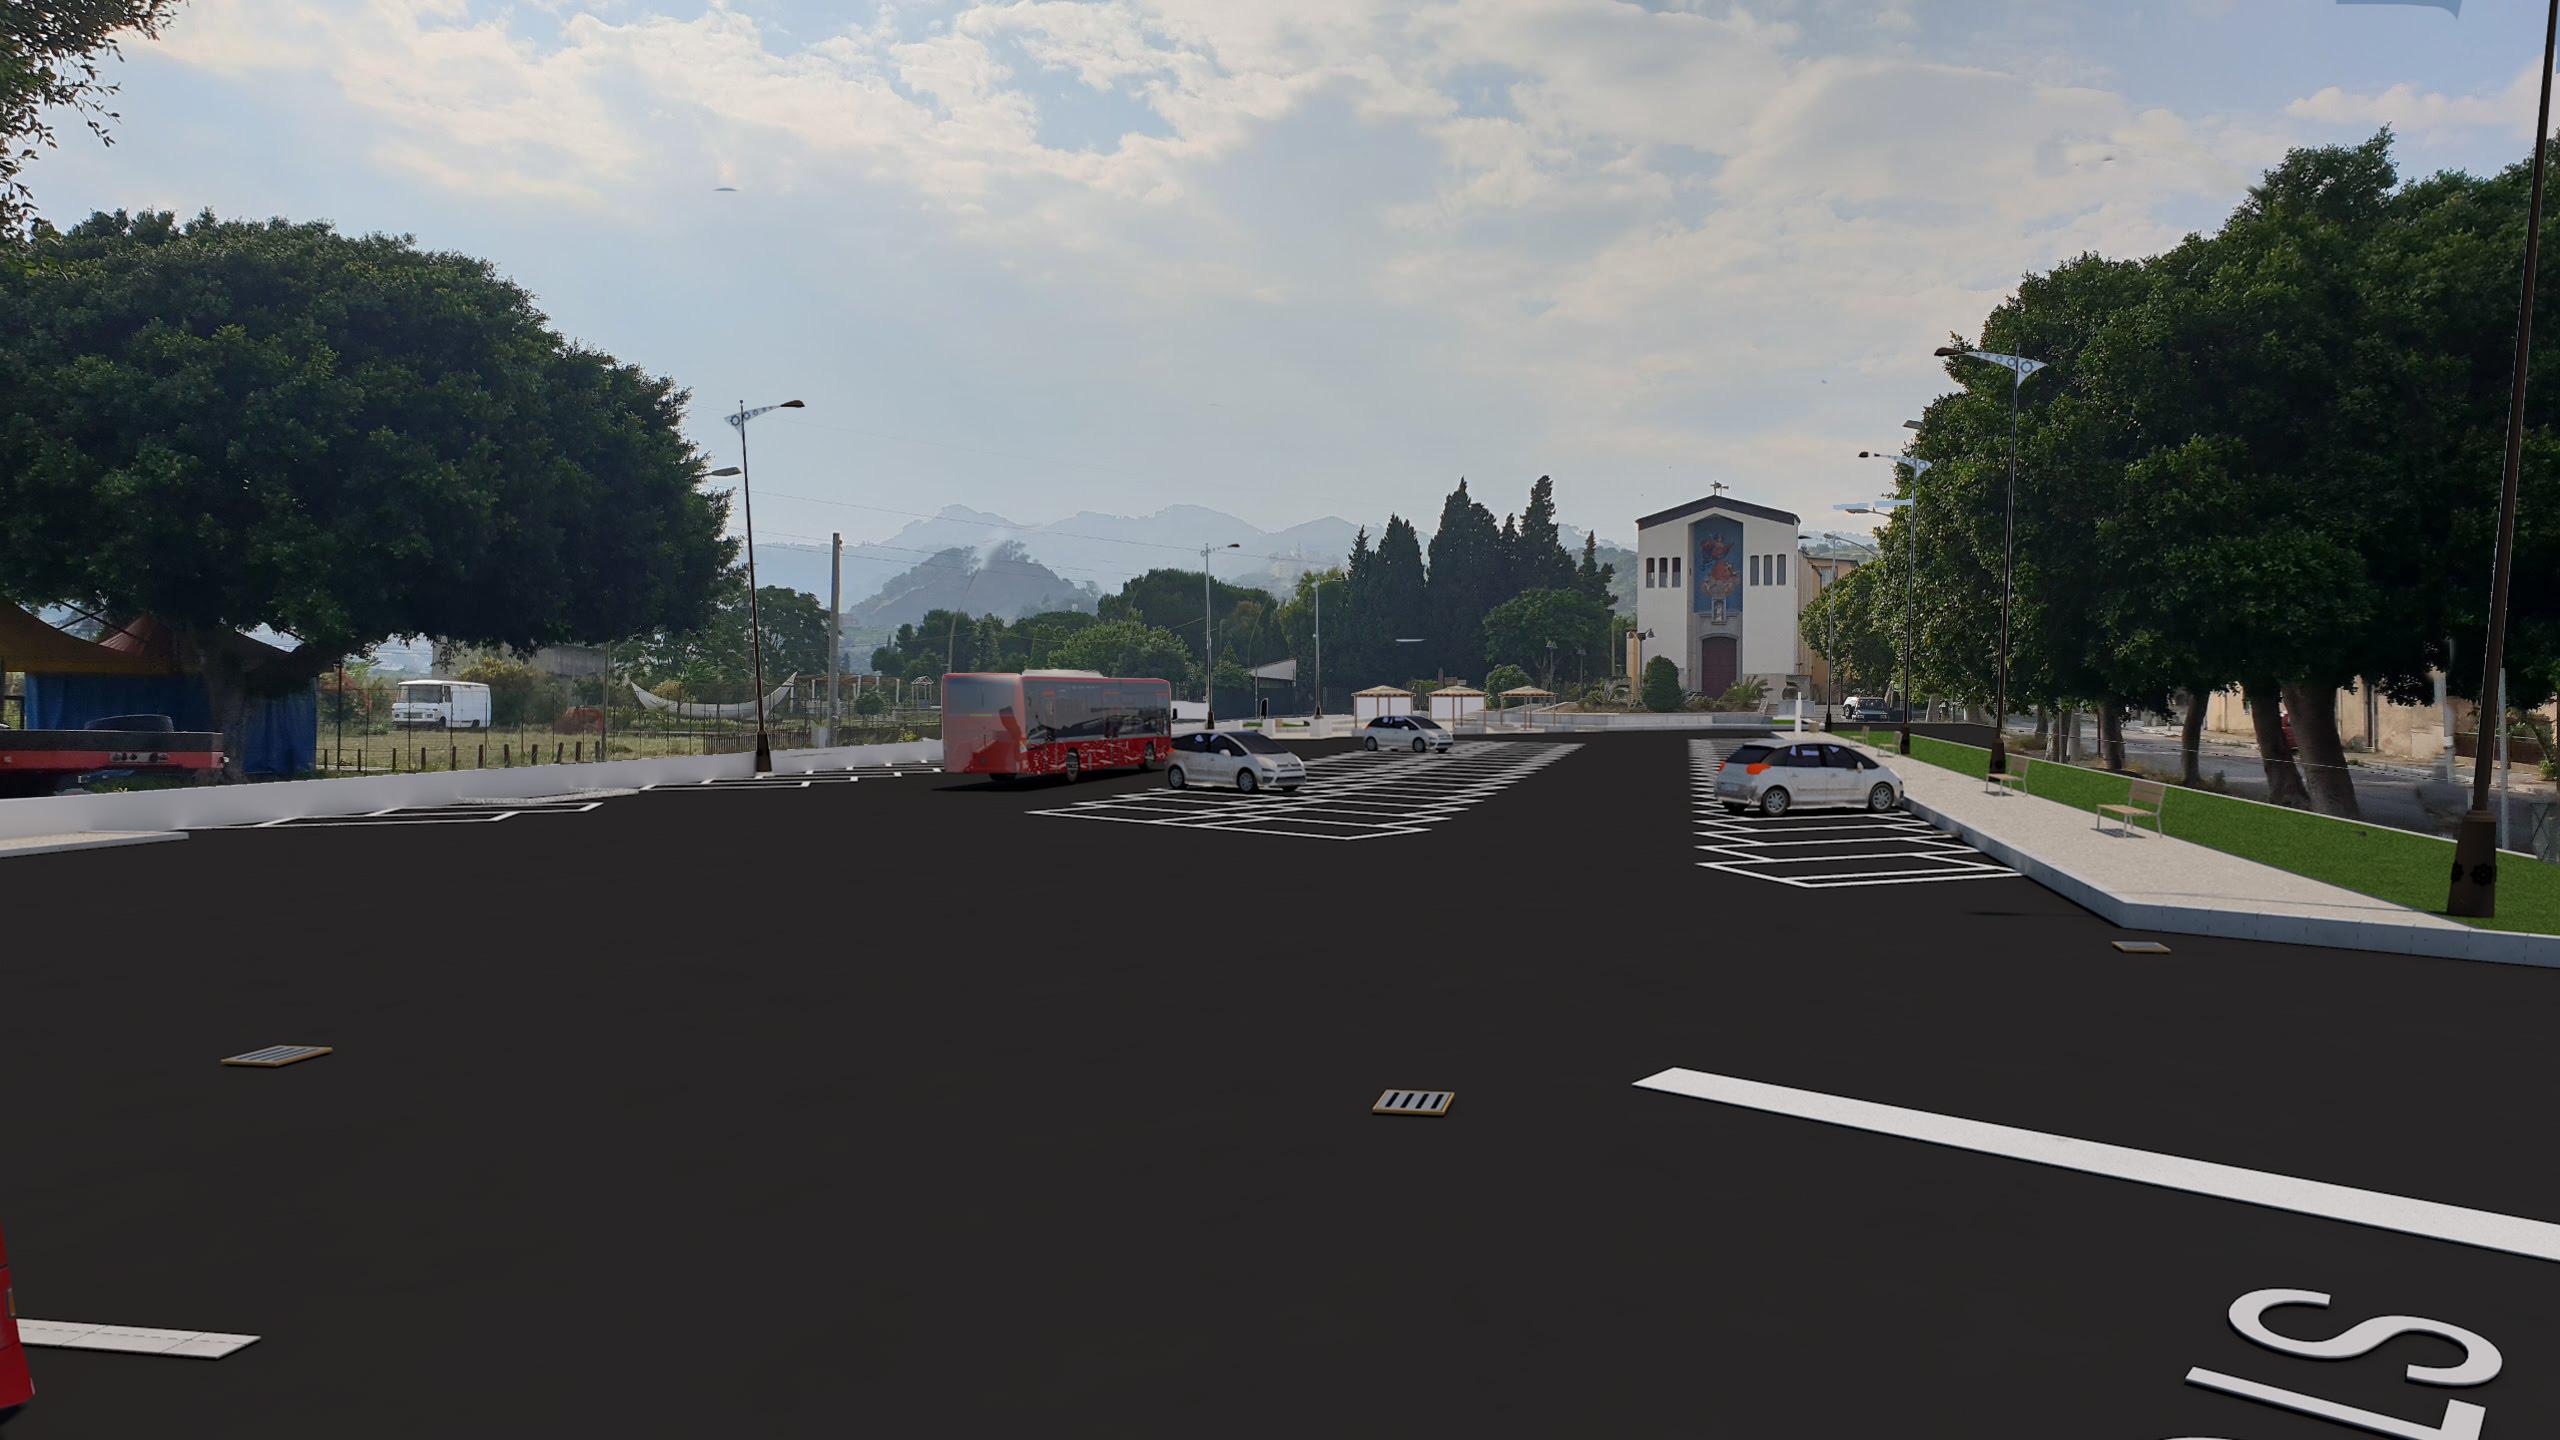 Gallico, via libera al progetto per la nuova piazza Santa Maria